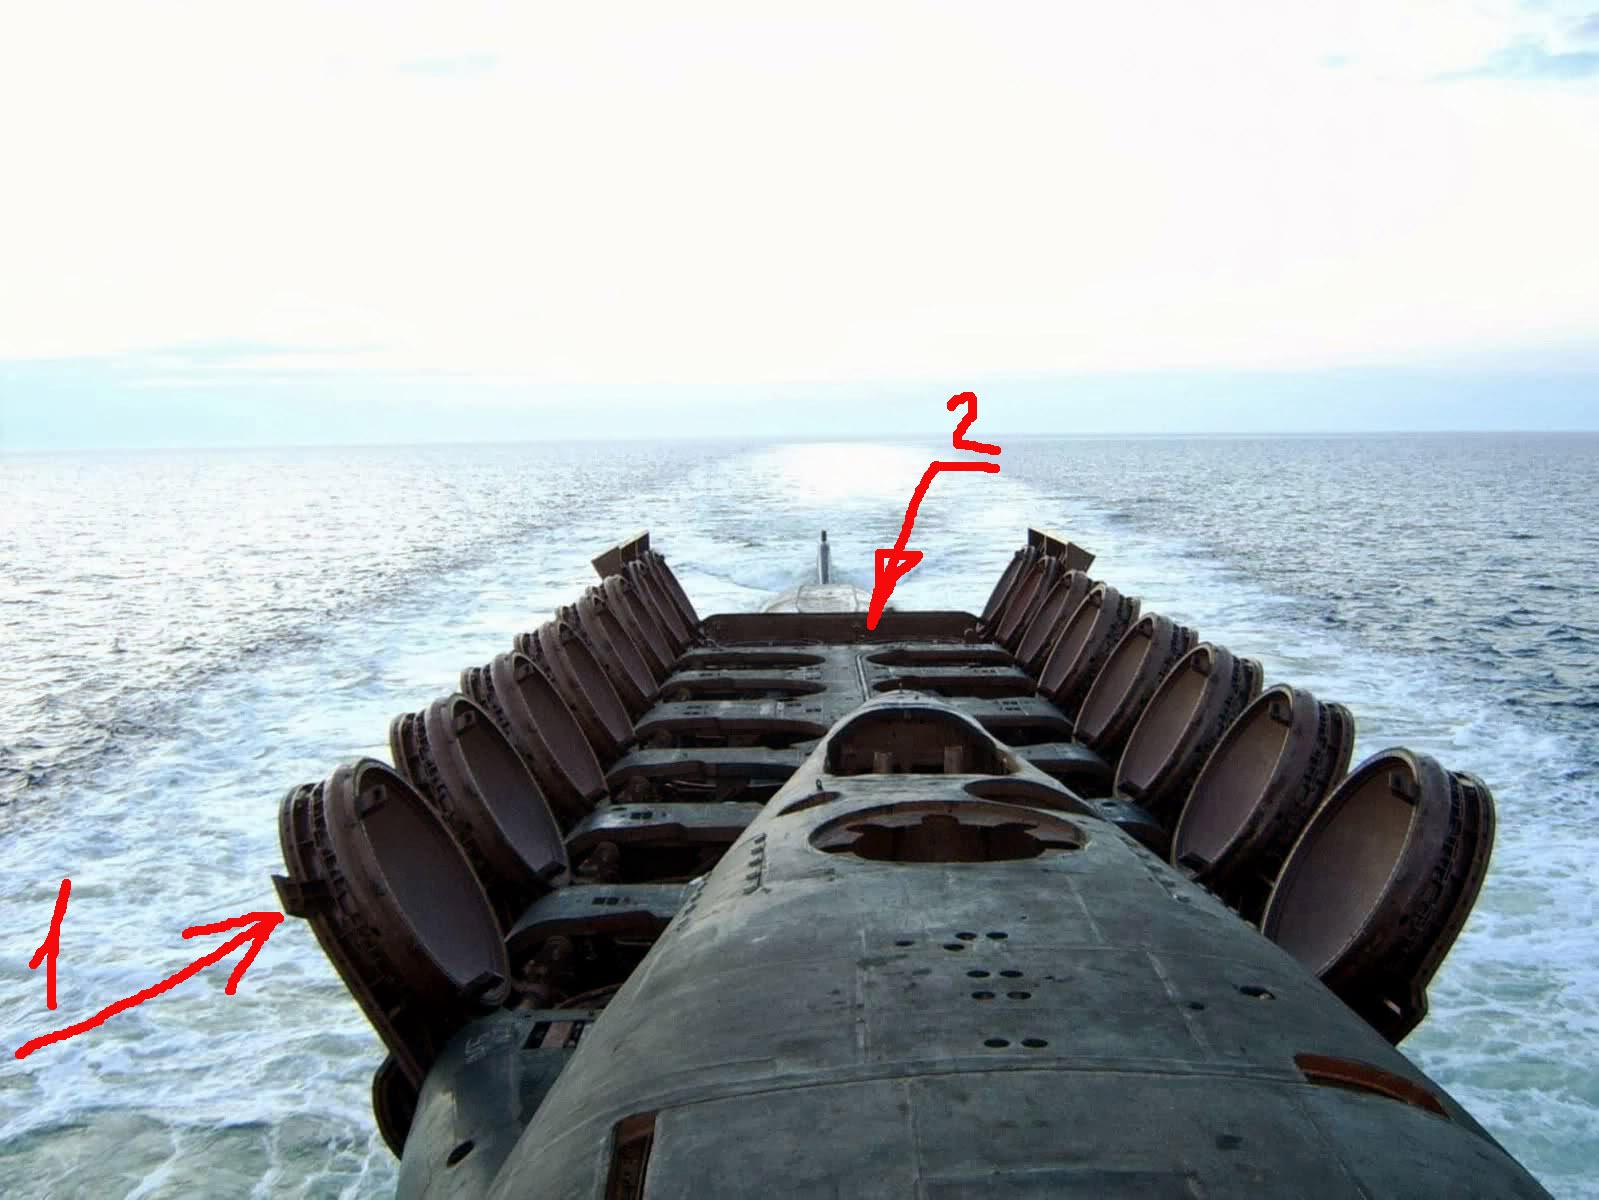 у подводных лодок есть ракеты